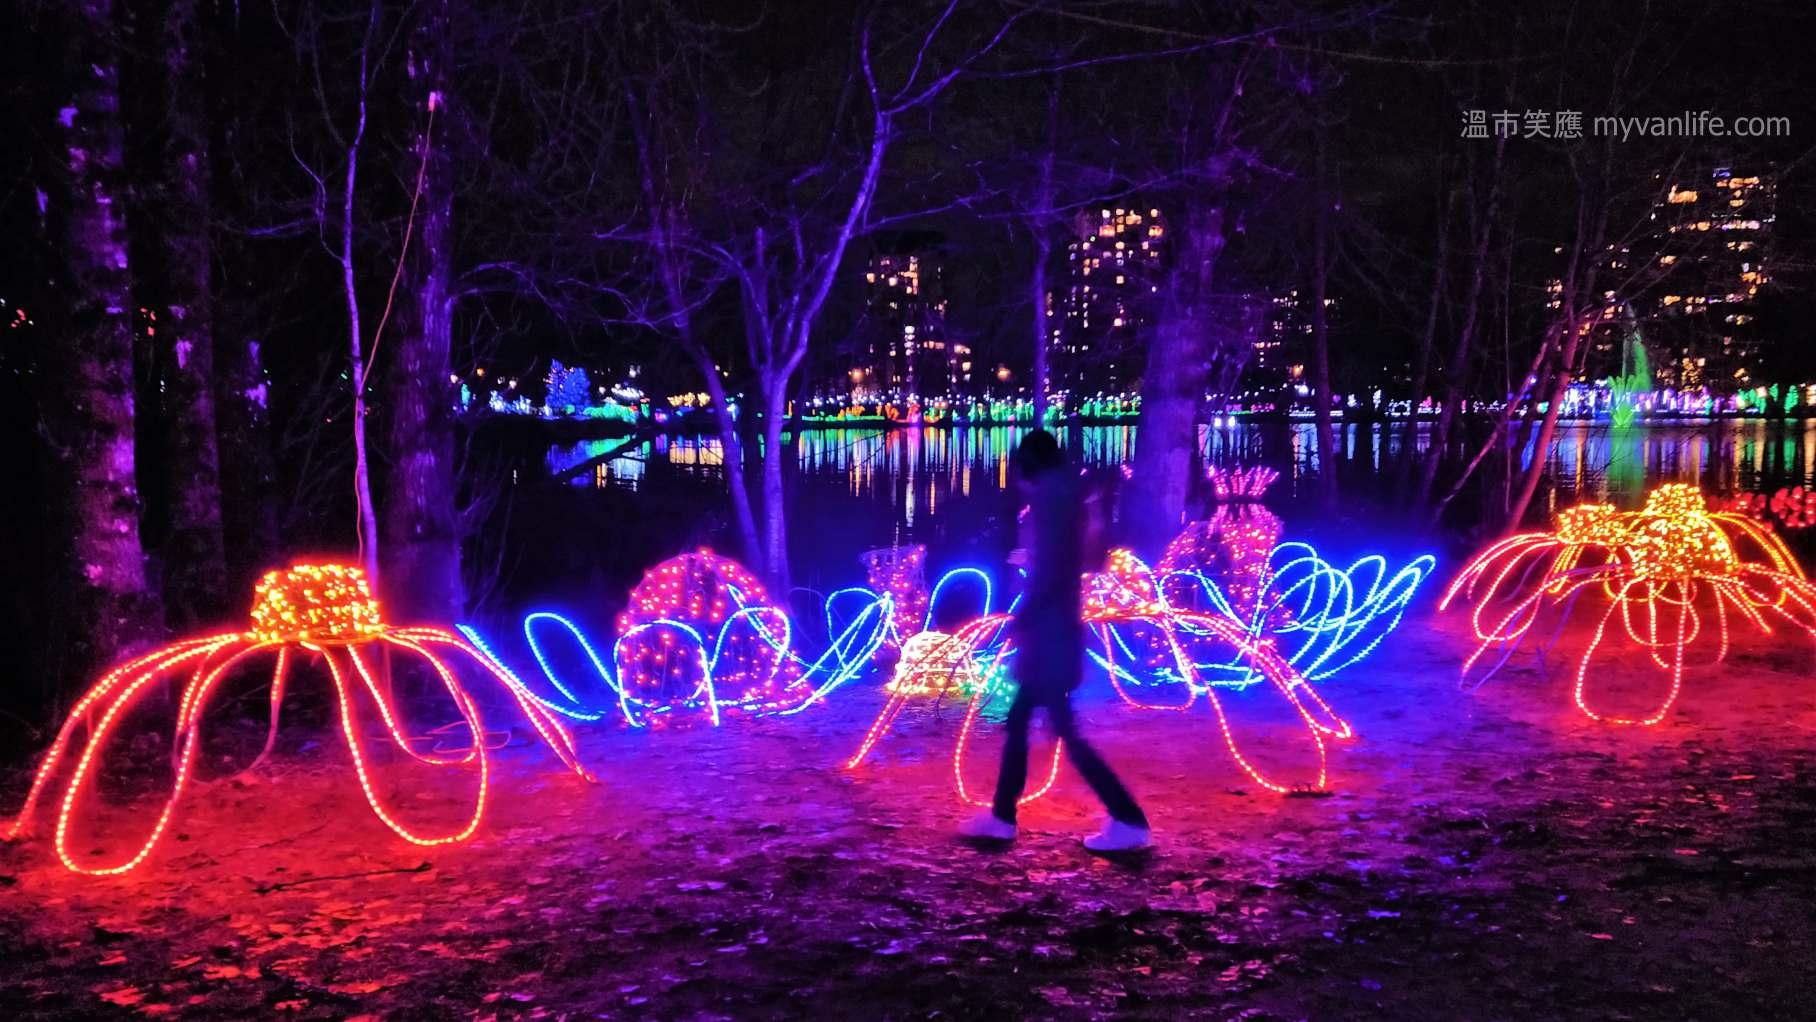 溫哥華旅遊 夜色中的1.2公里環湖聖誕燈會